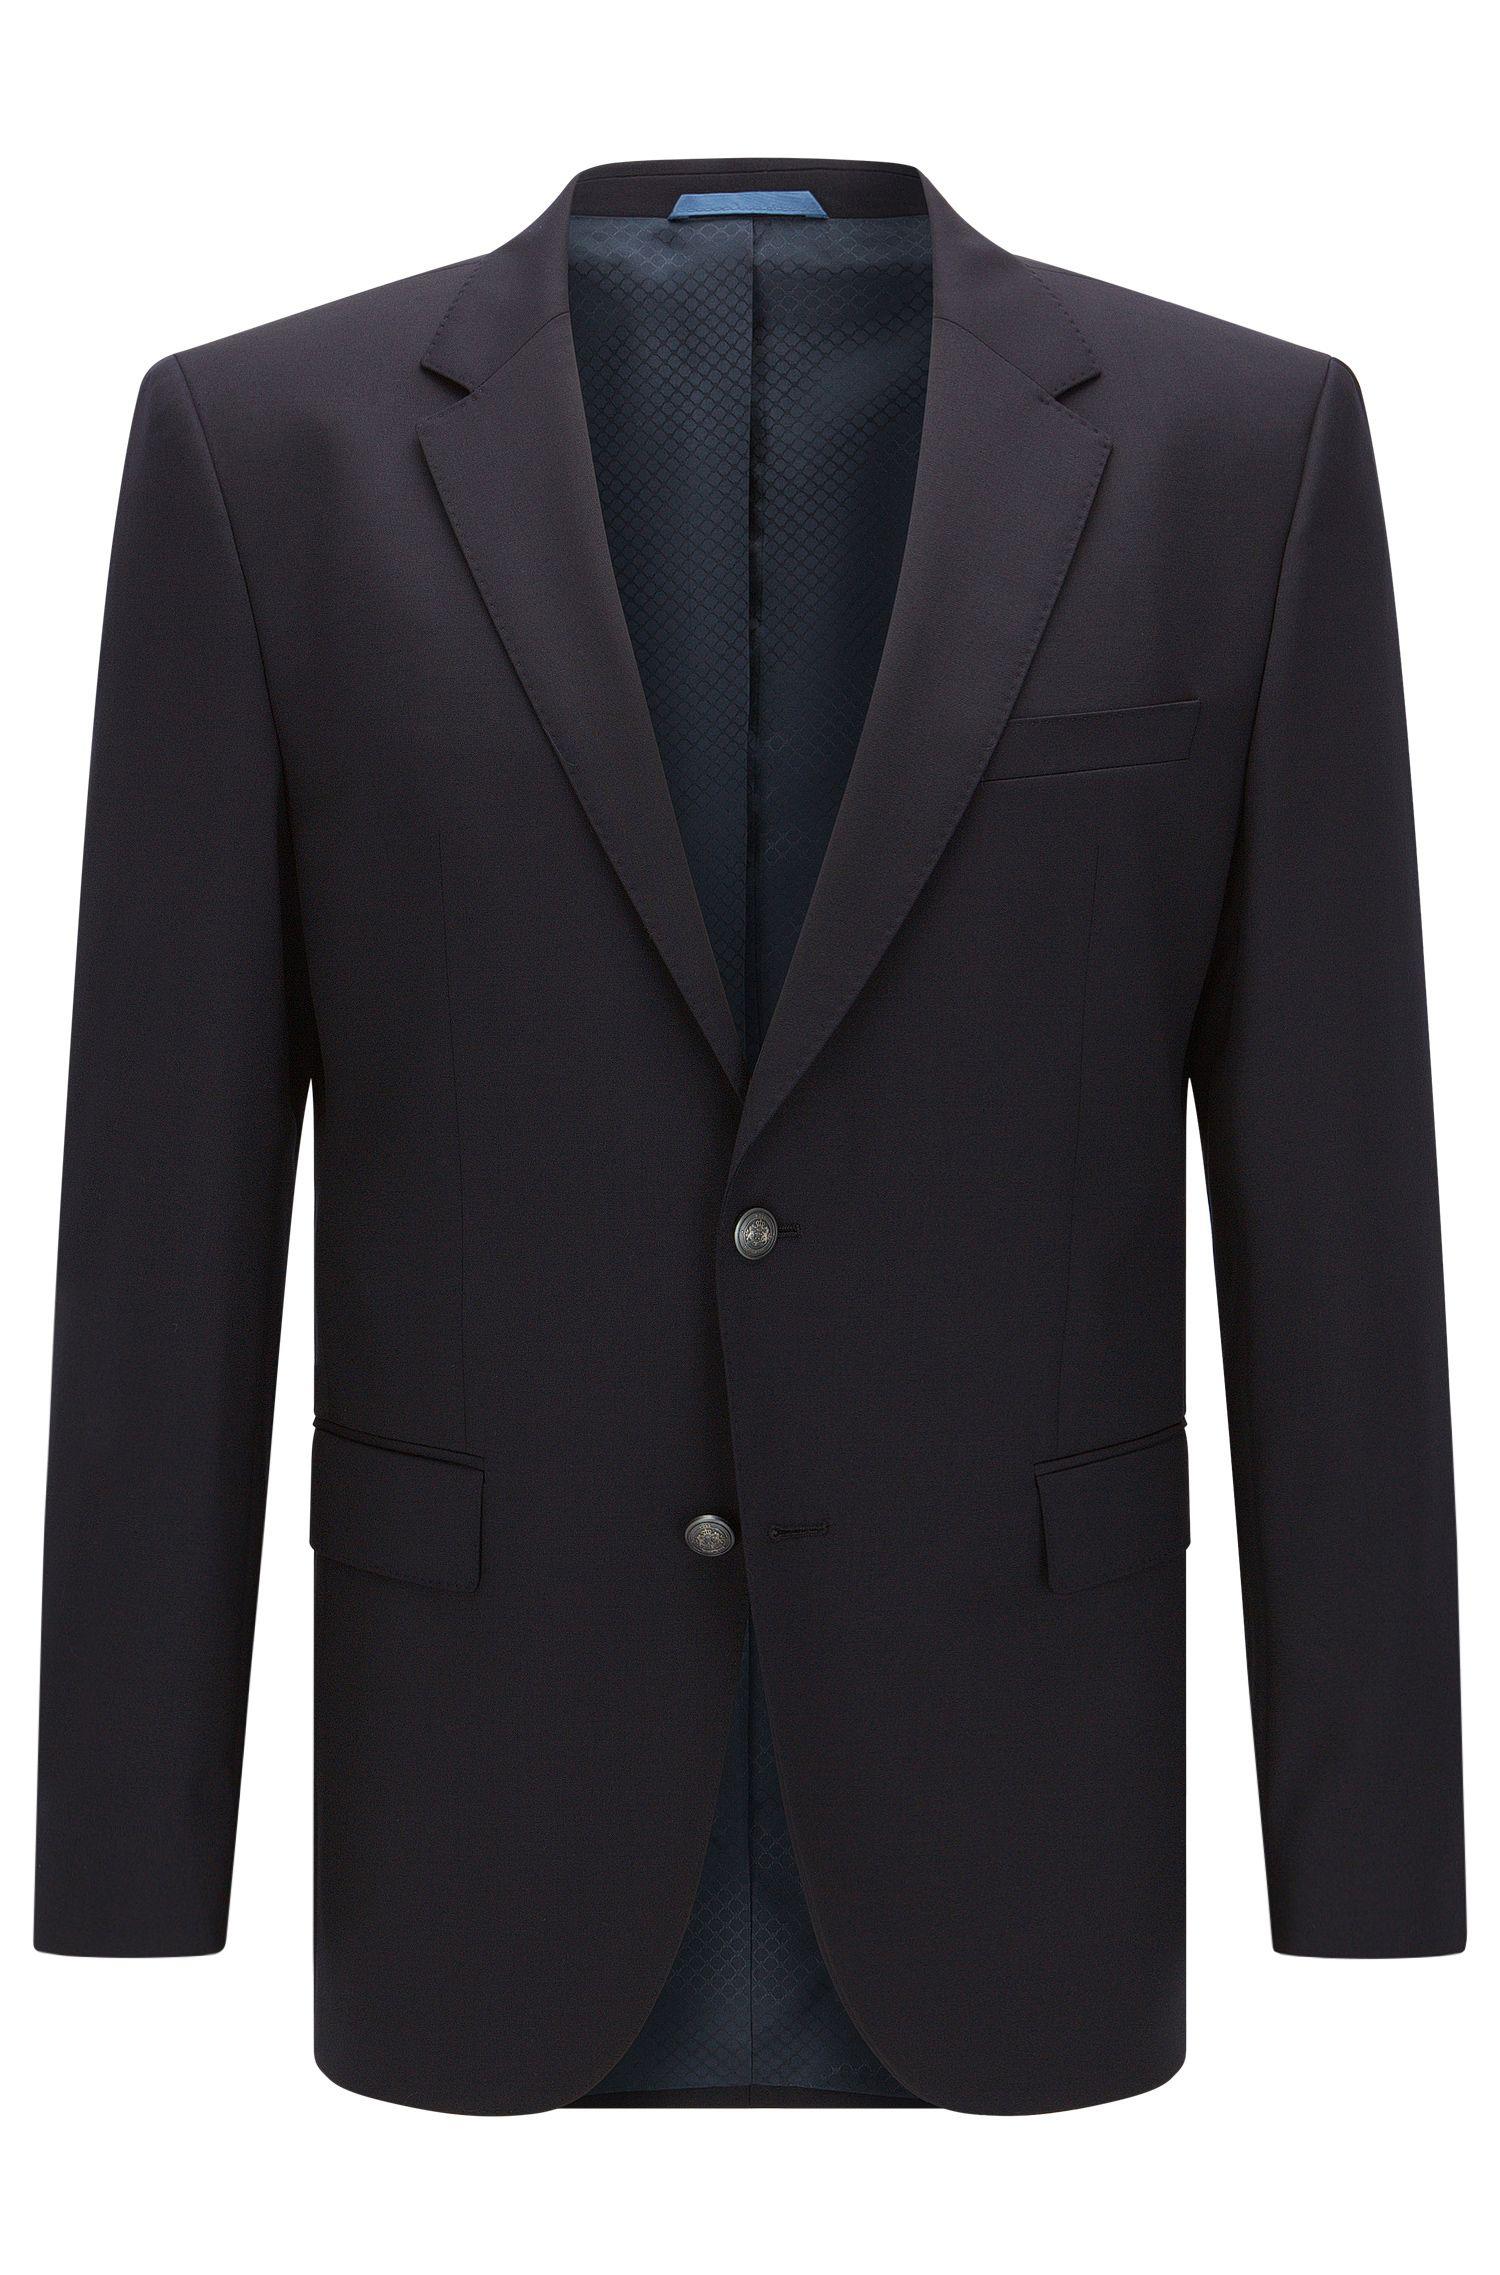 Veste de costume Regular Fit en laine vierge, ornée de surpiqûres AMF effet cousu main